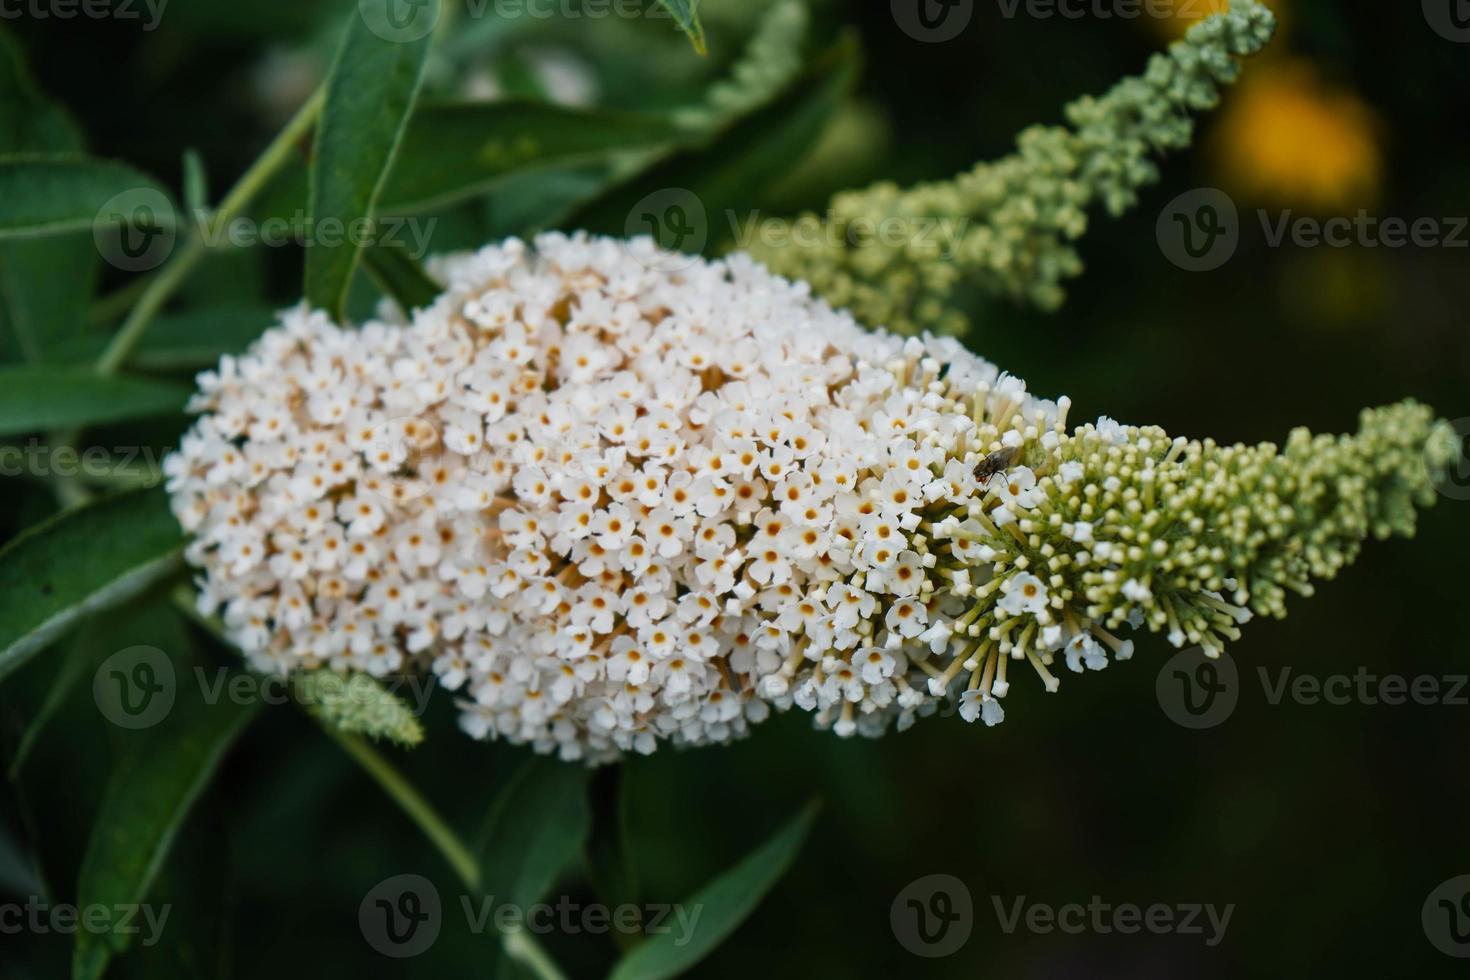 Buddleja davidii the Butterfly bush photo